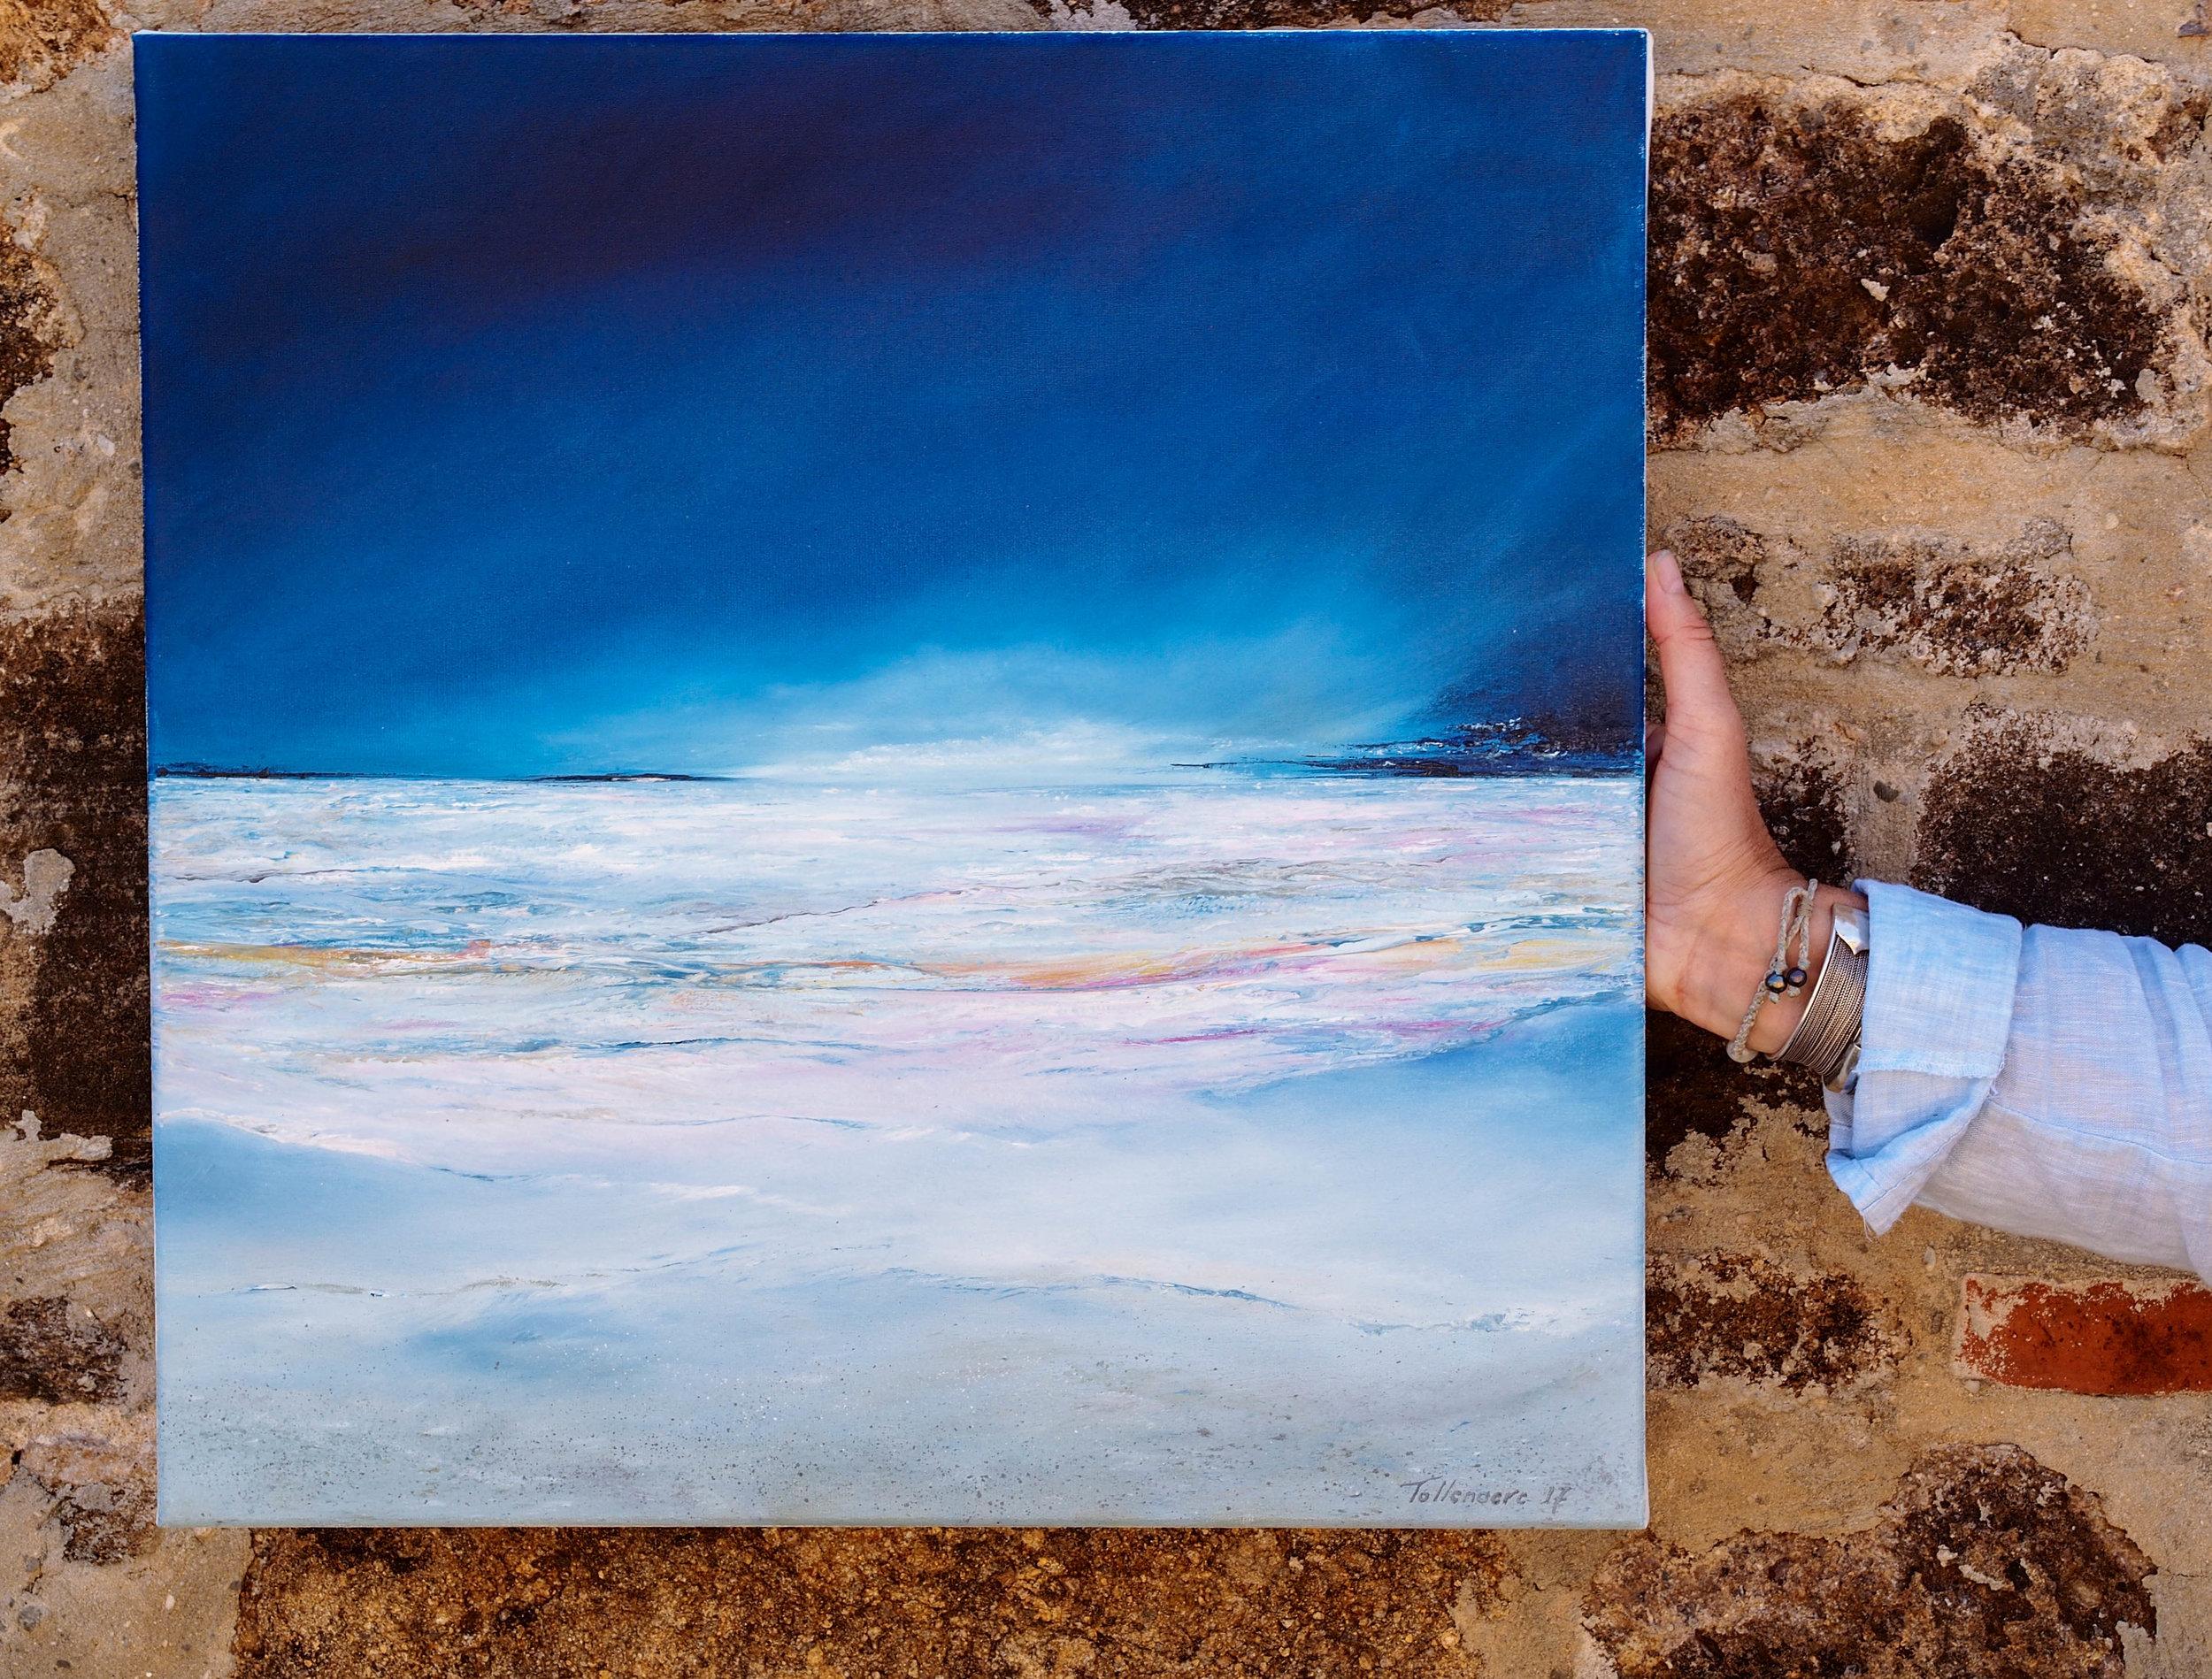 Seascape by Rikki Tollenaere. Photo by Jennie Ritchie.